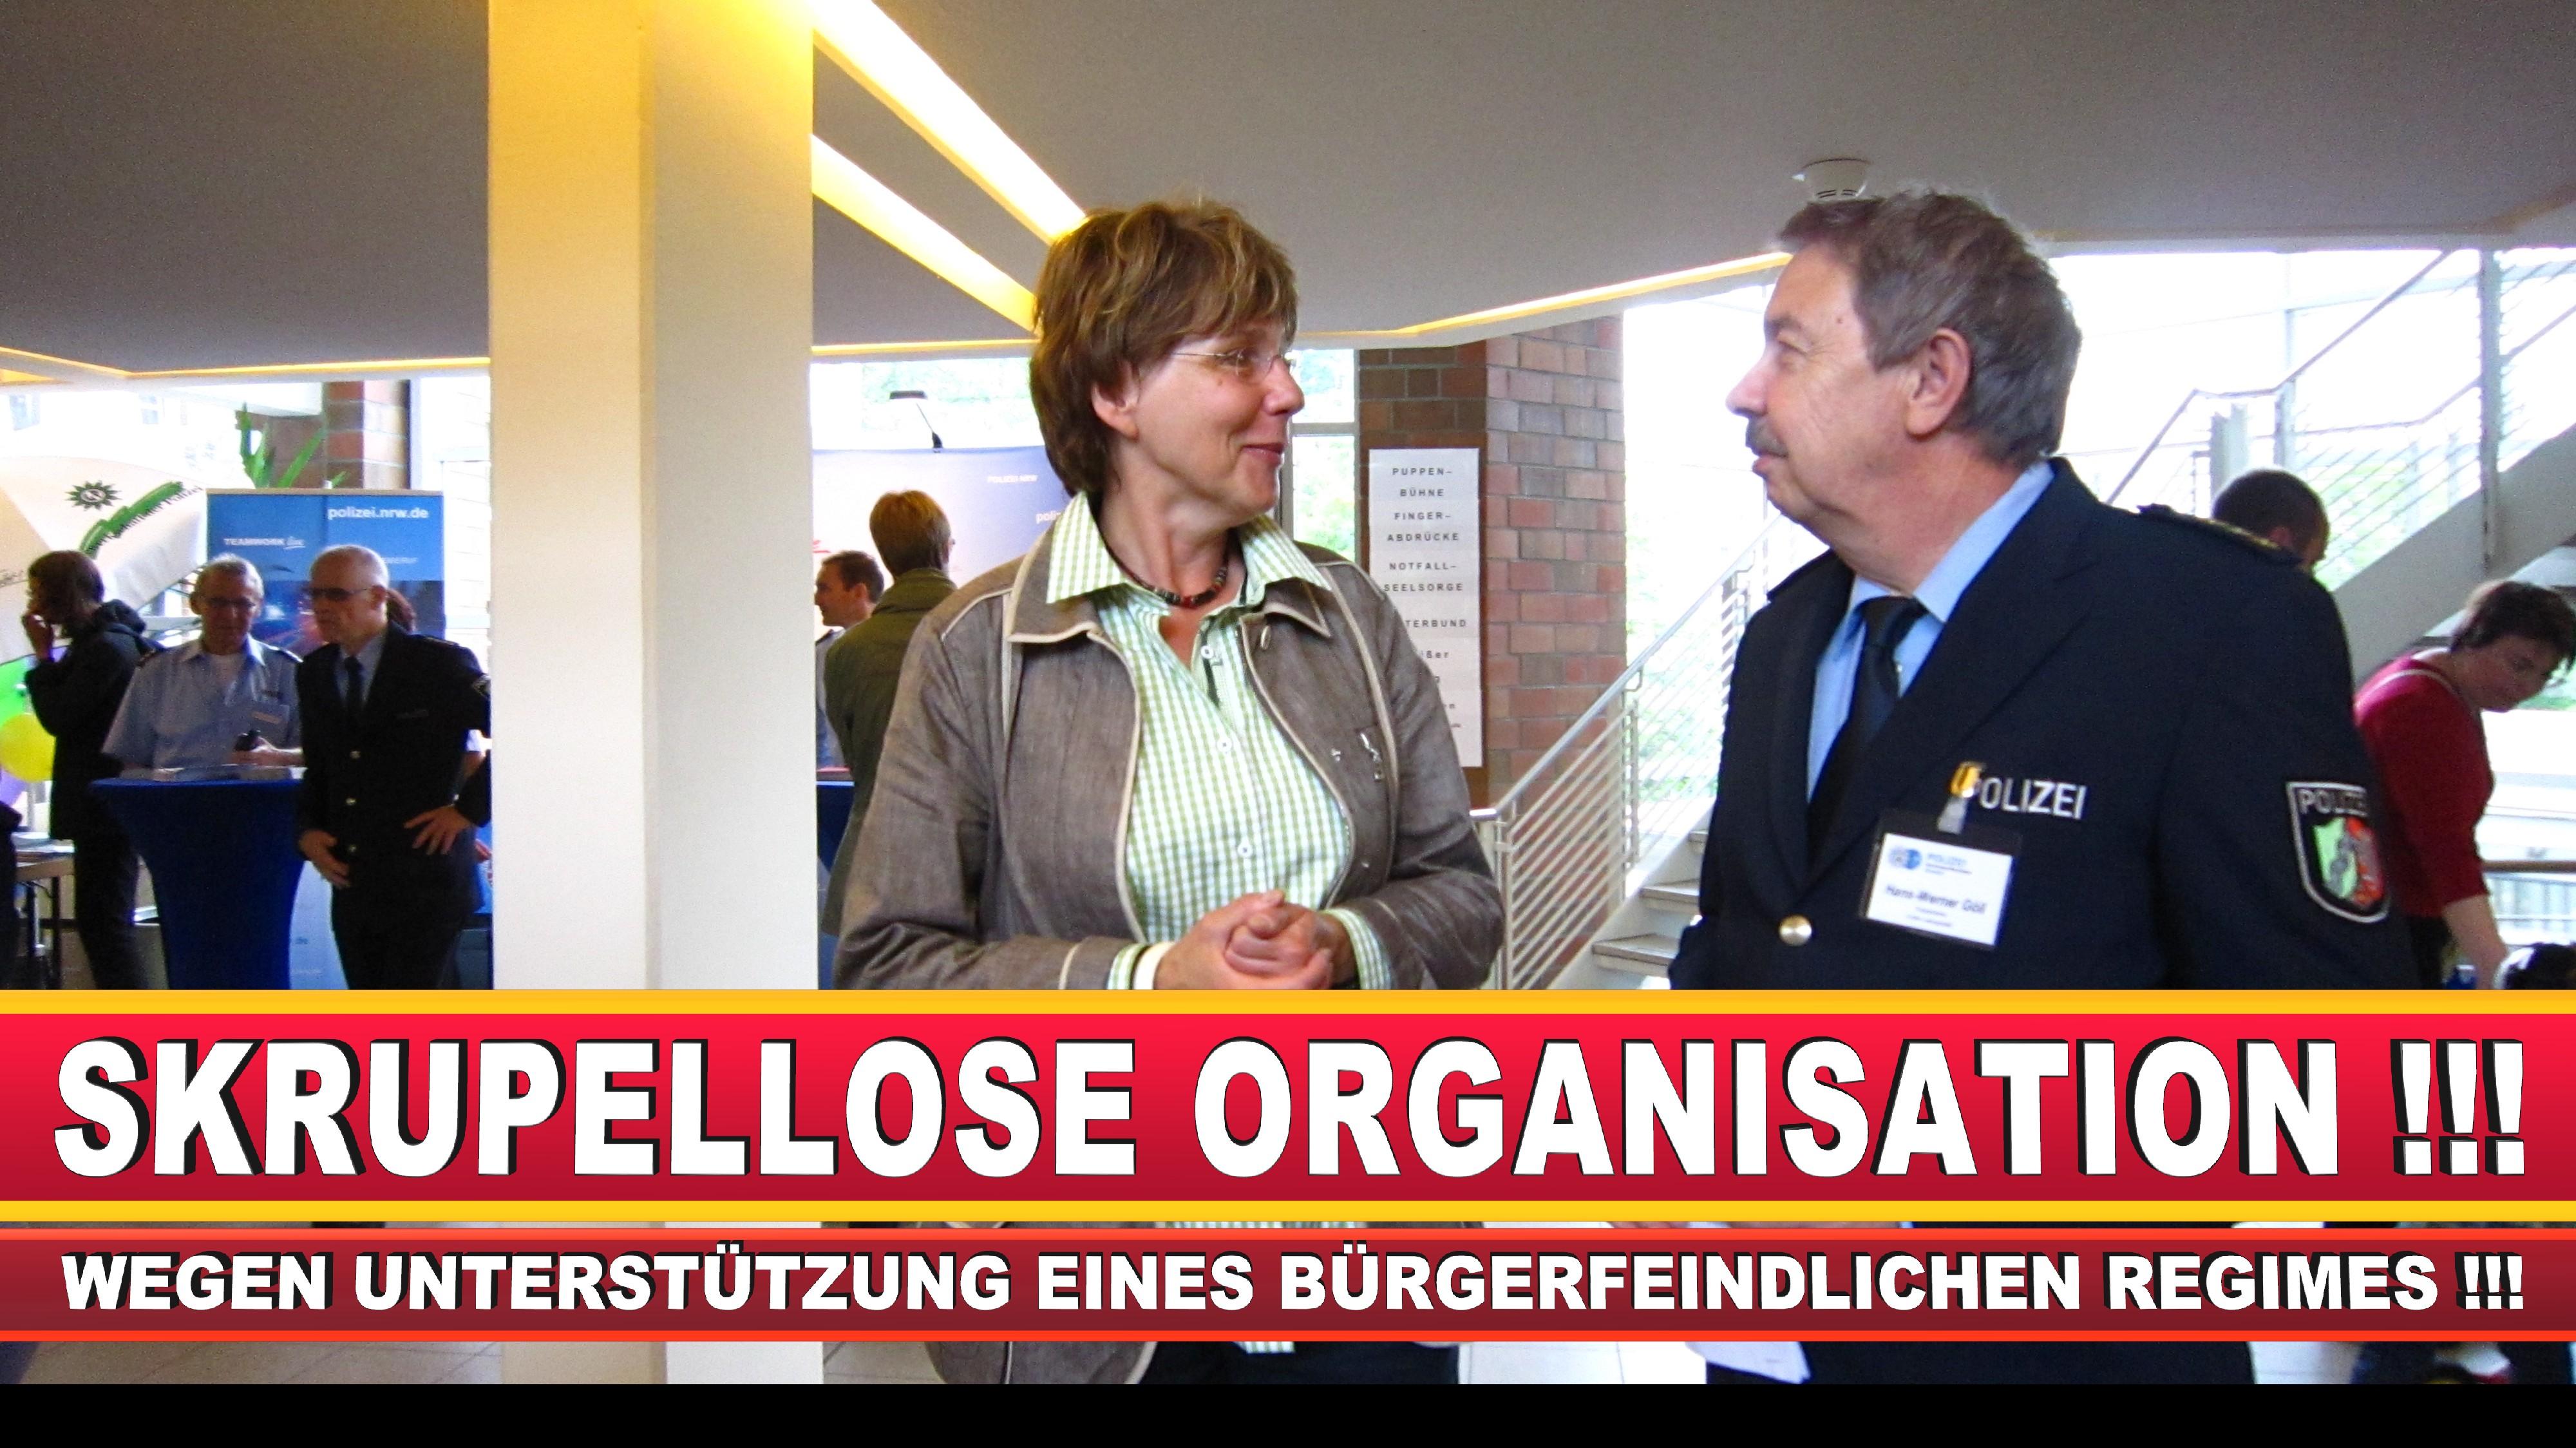 Polizeipräsidentin Katharina Giere Polizei Bielefeld NRW Erwin Südfeld Horst Kruse Polizeiuniform Polizeigewalt DEMONSTRATION Bahnhof (20)